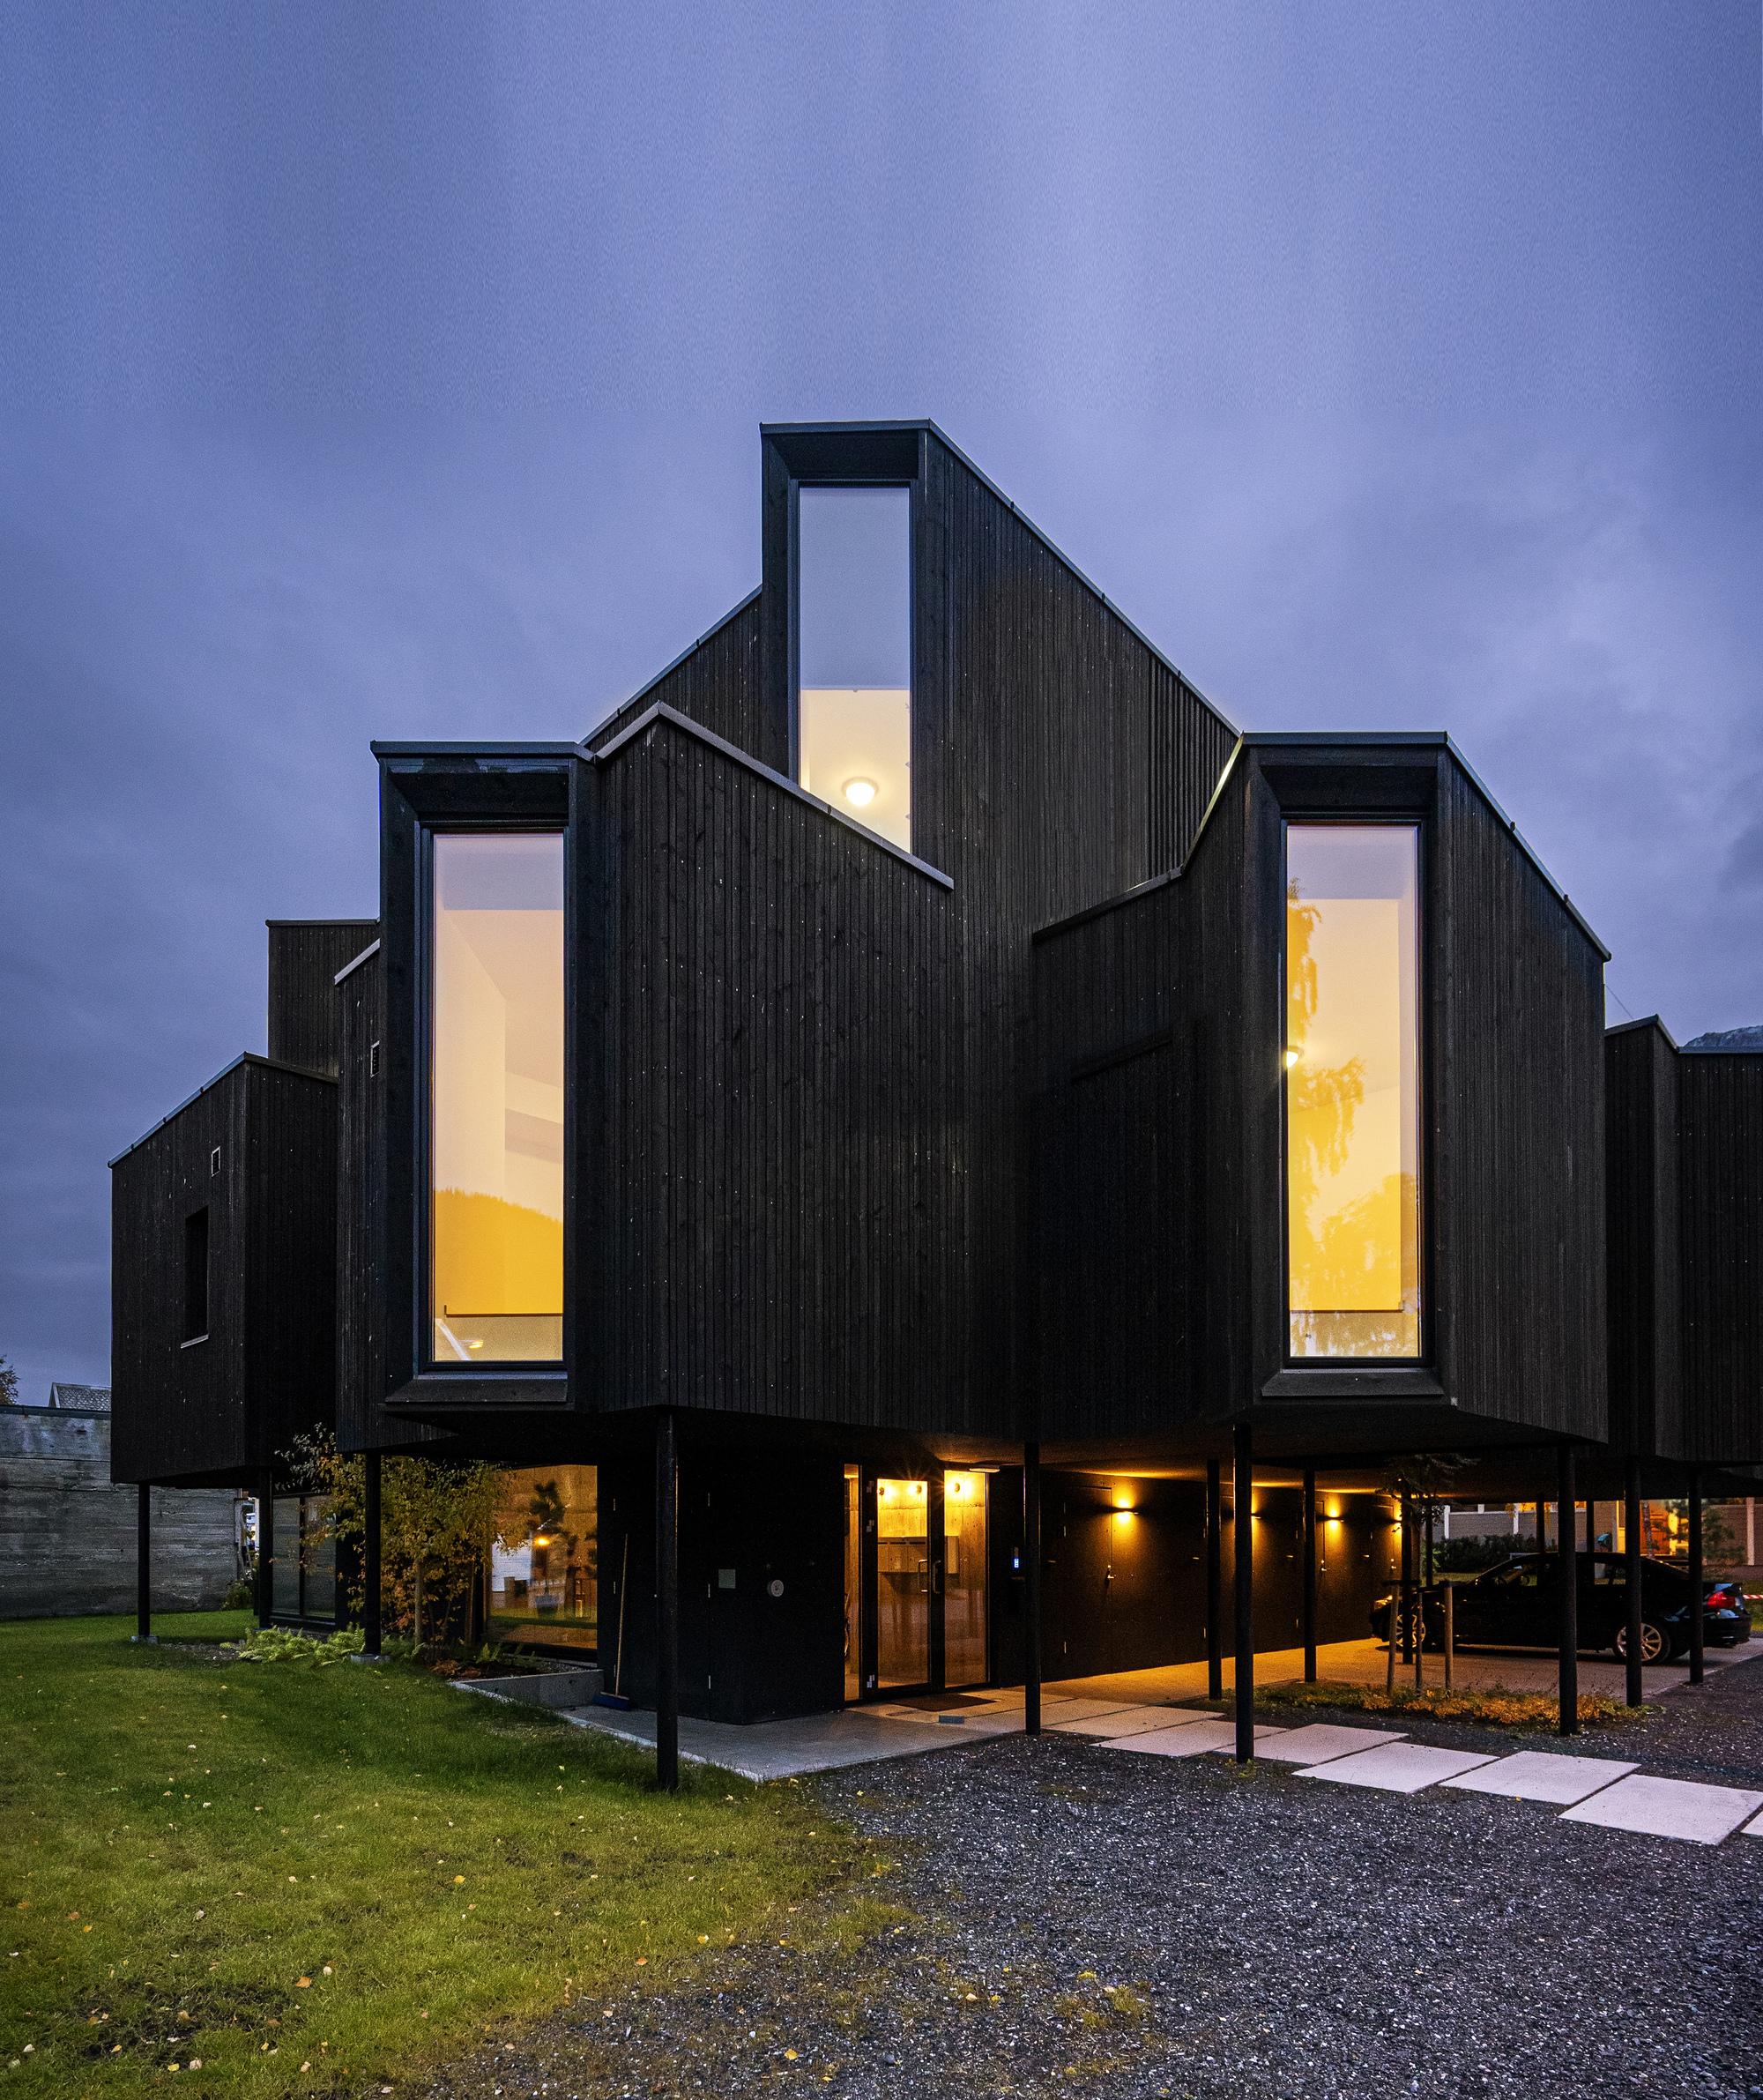 Bay Window House / Atelier Oslo